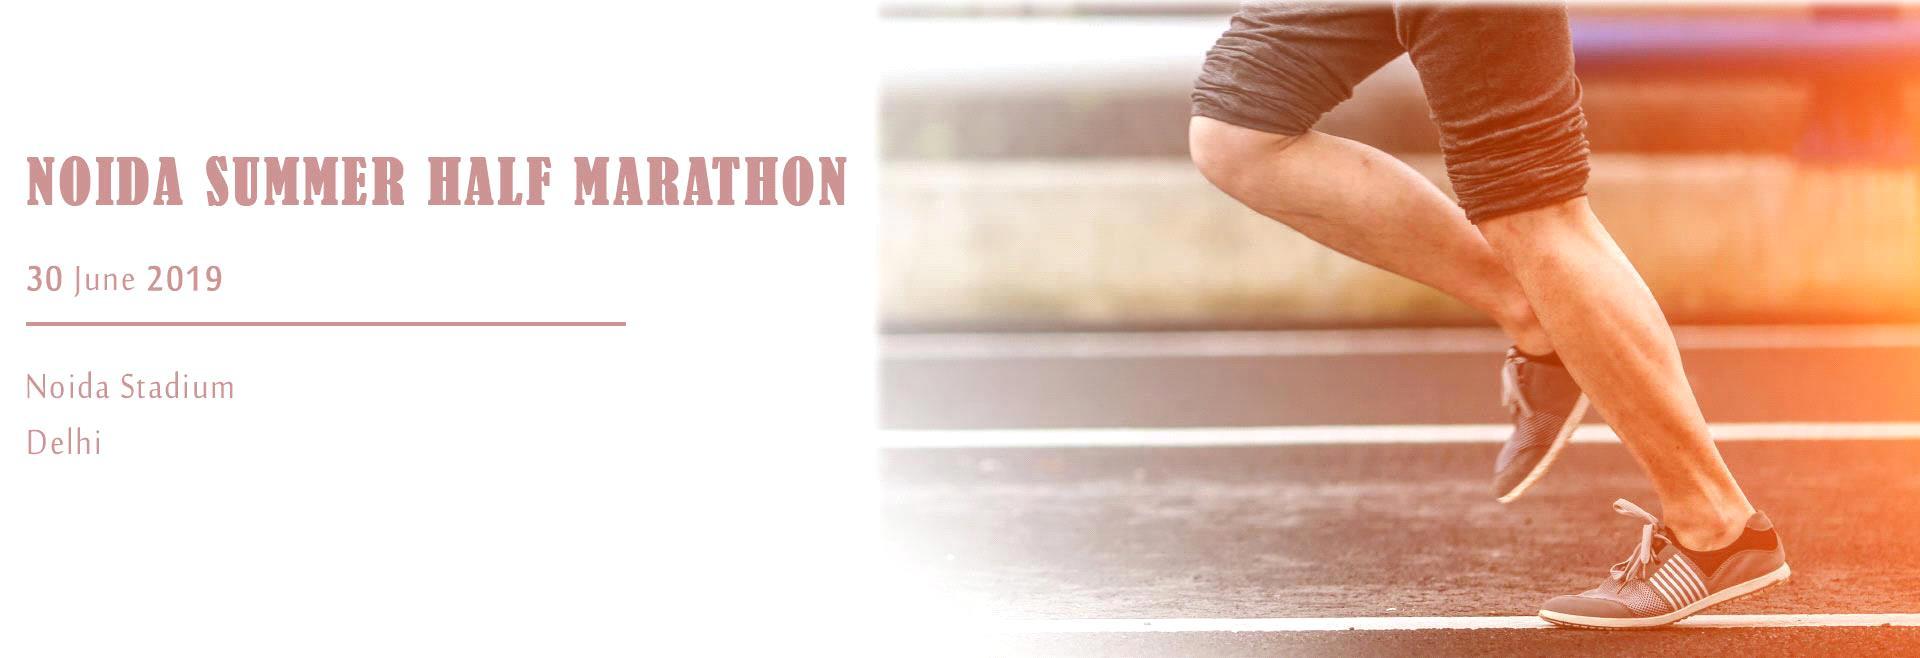 Noida Summer Half Marathon